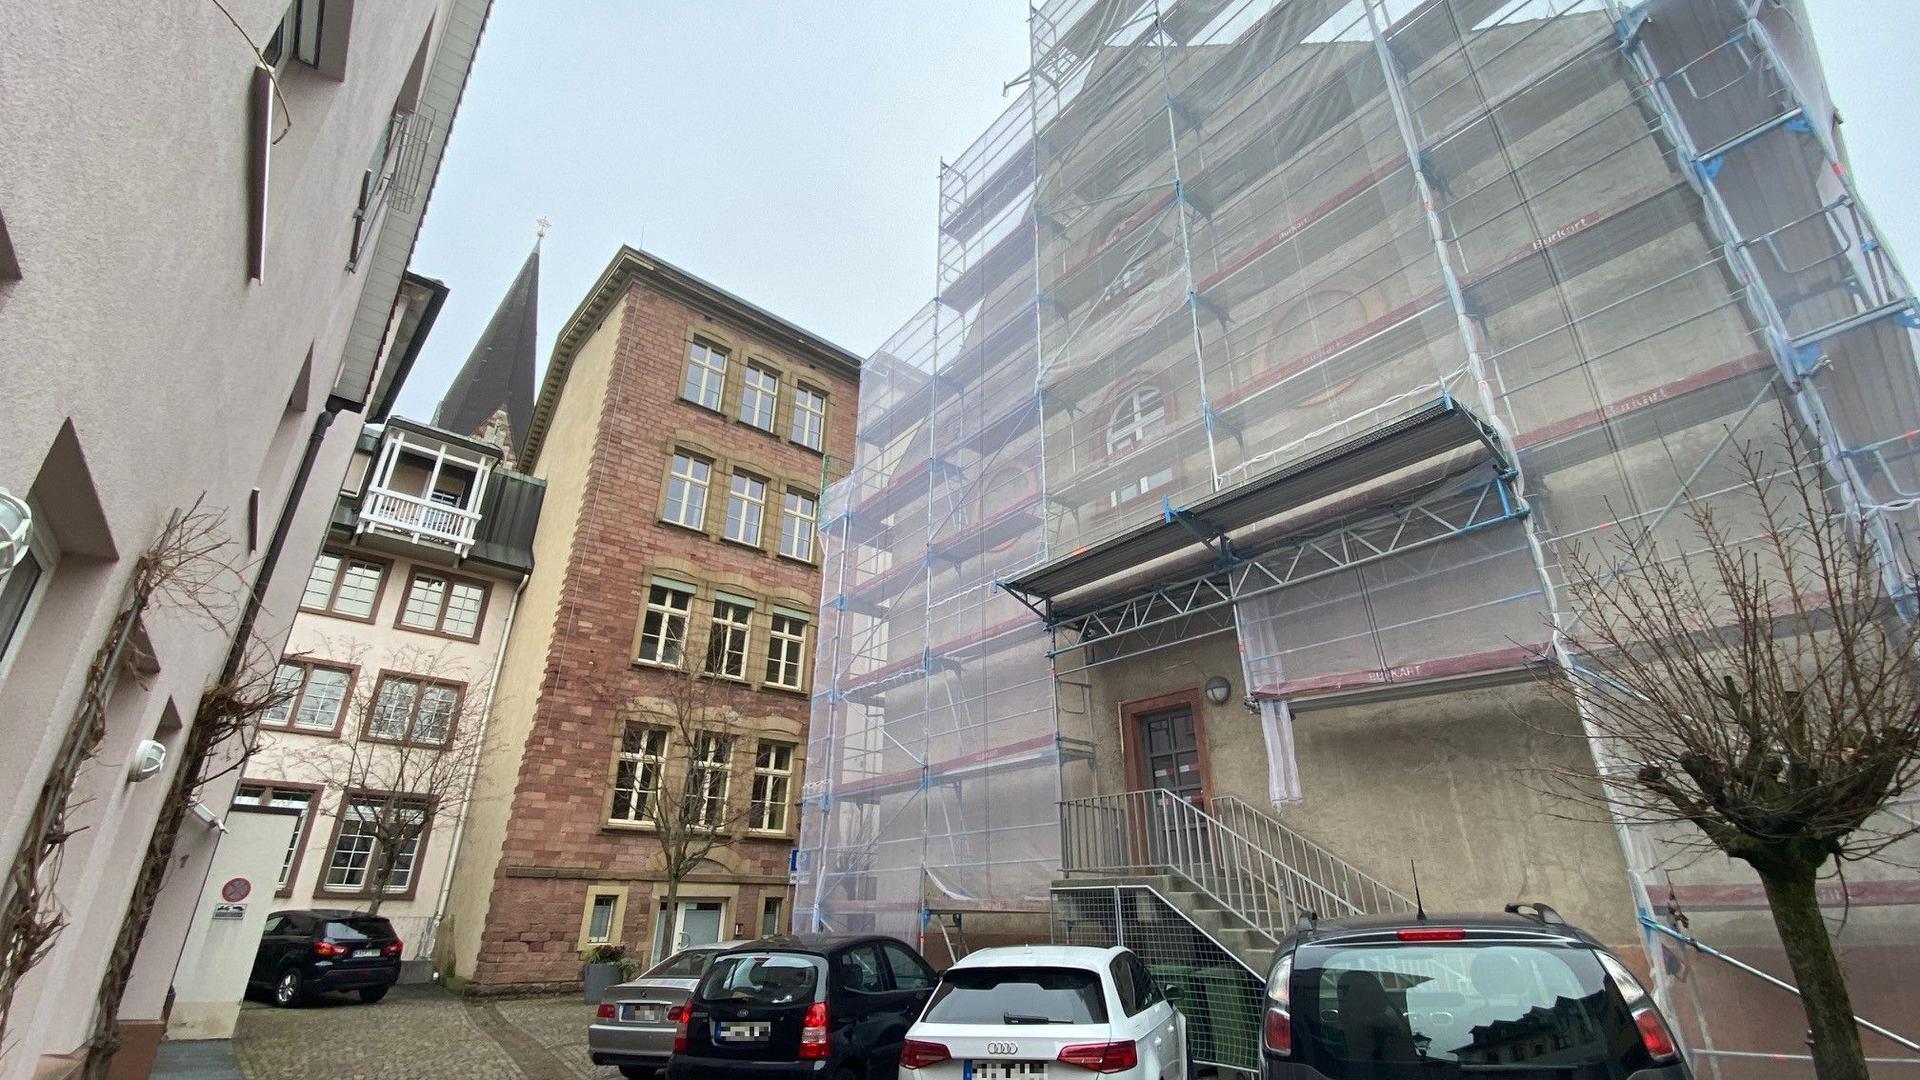 Früher Kirche, inzwischen Finanzamt: Die ehemalige St. Erhard Kirche wird heute vom Finanzamt Ettlingen genutzt. Die Fassade wird saniert, Fenster sind schon  ausgetauscht.